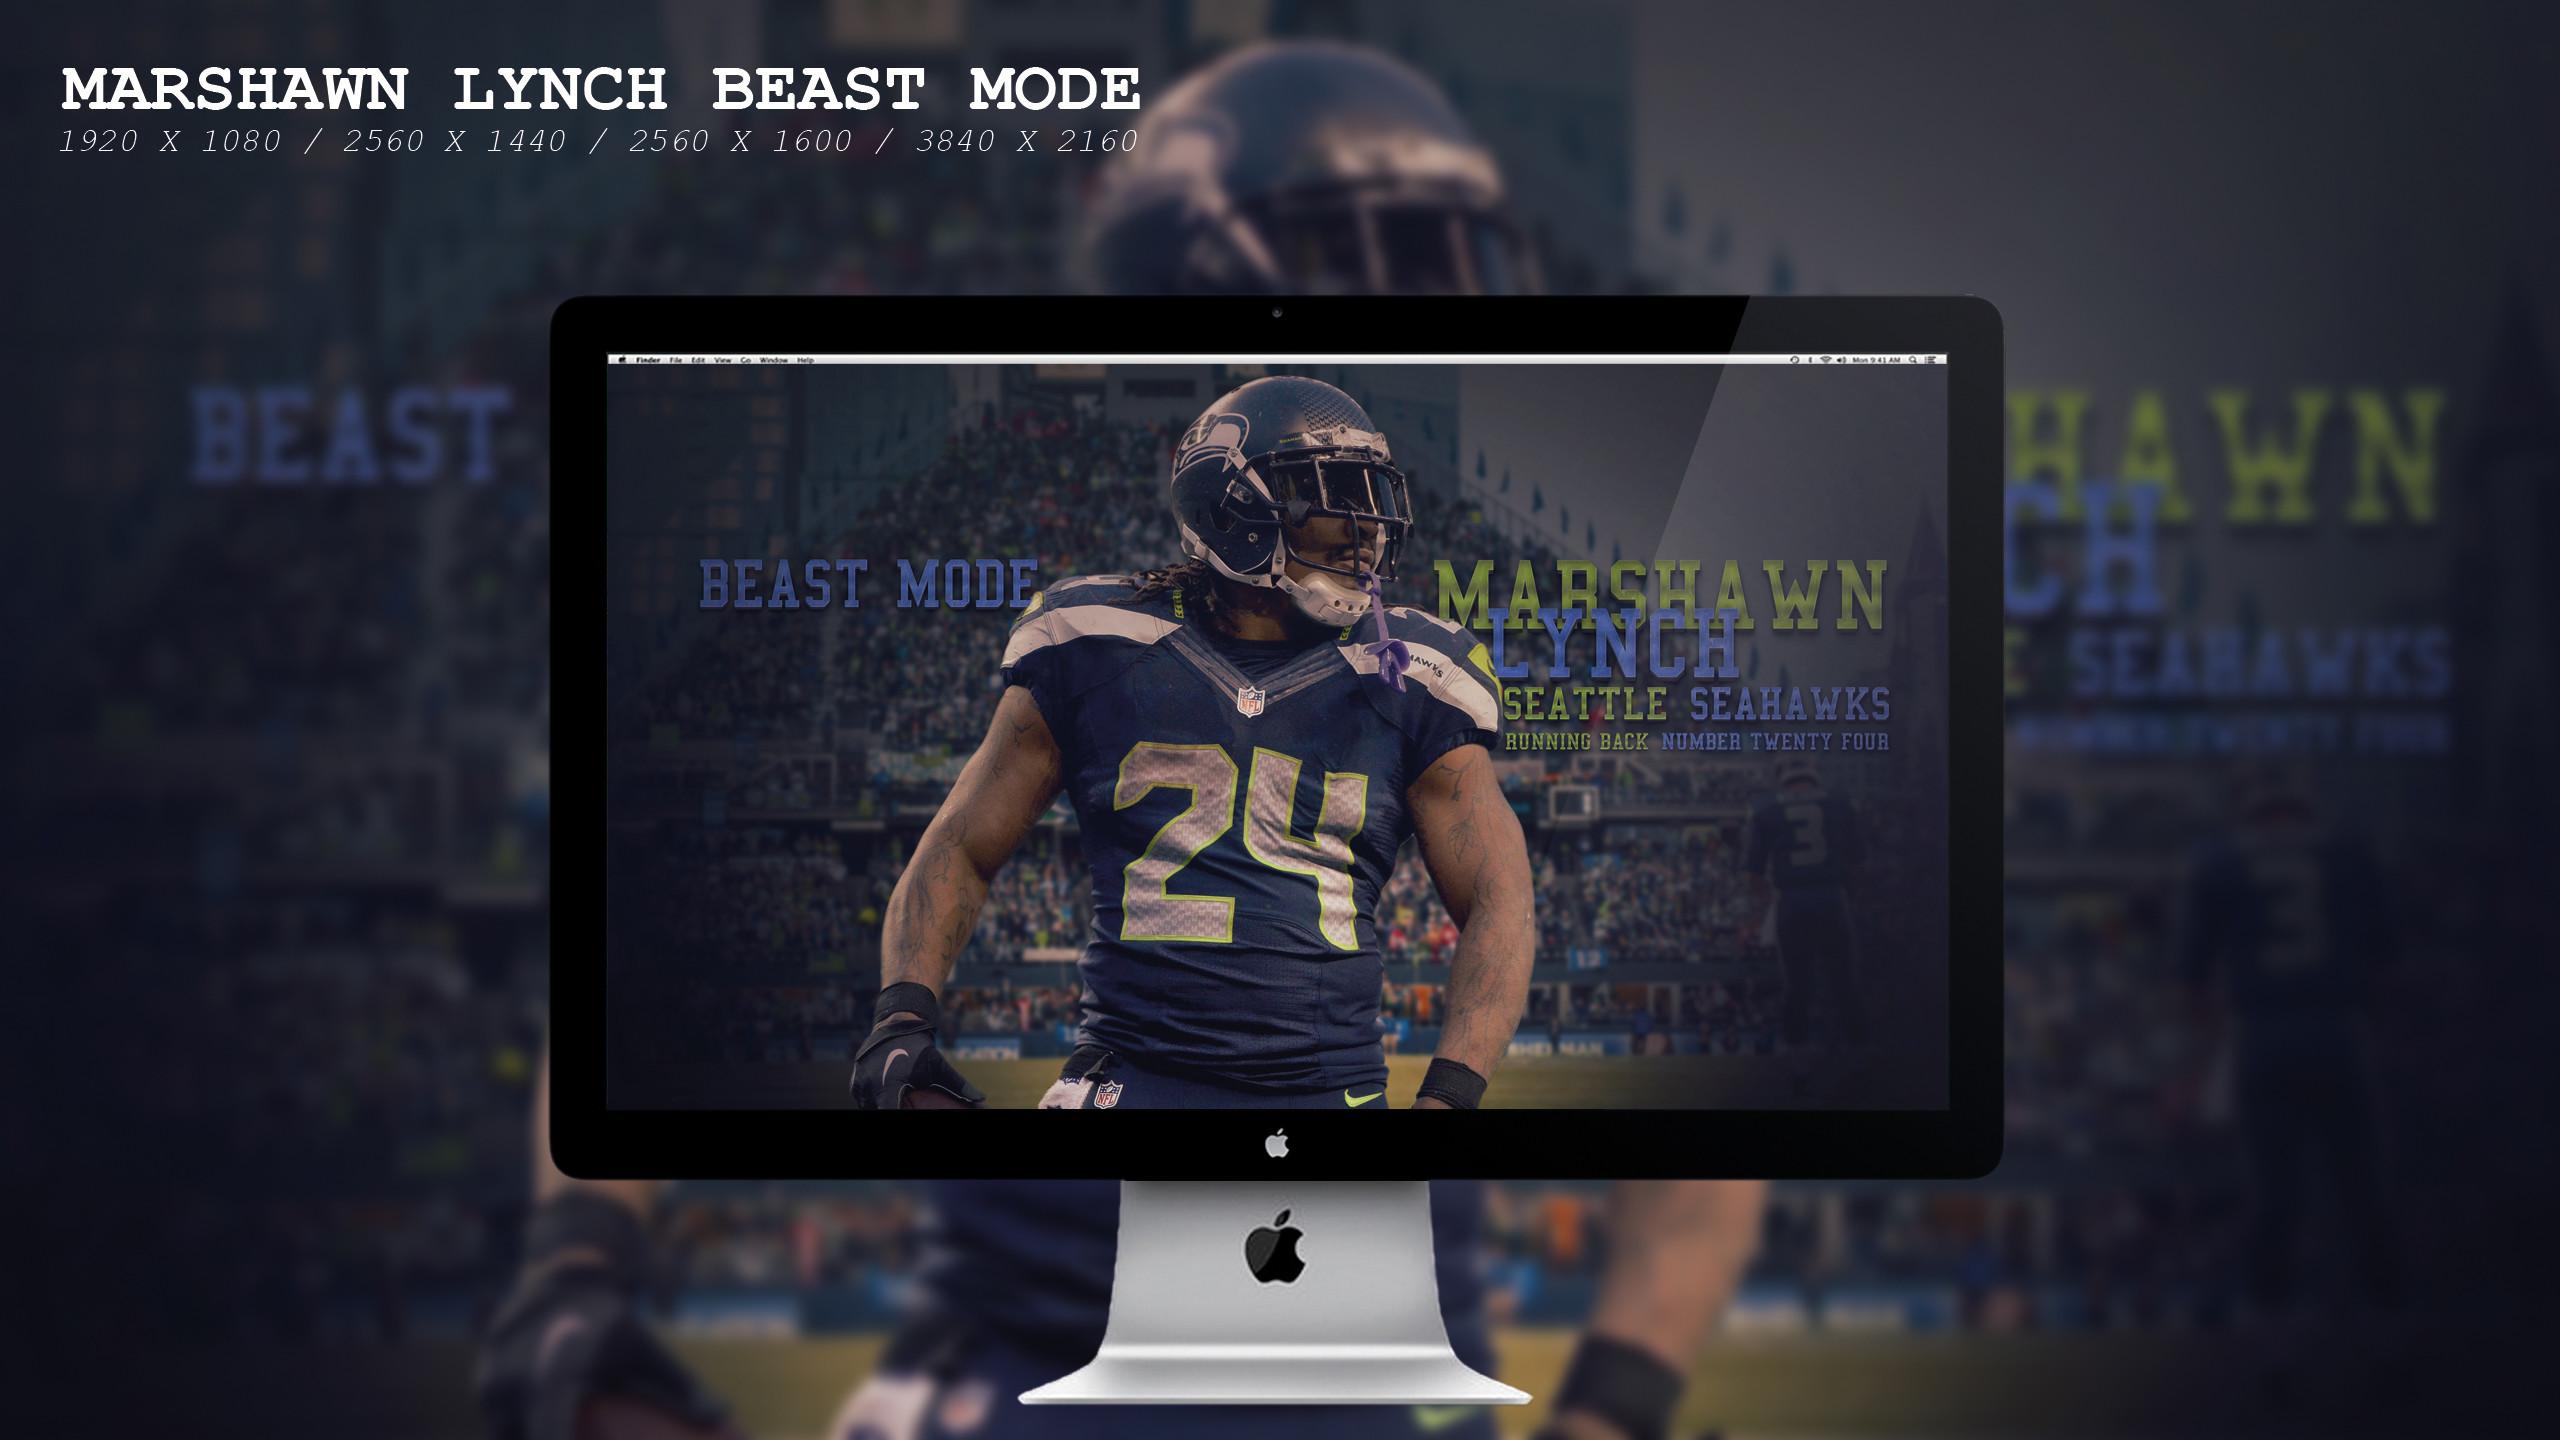 … Marshawn Lynch Beast Mode Wallpaper HD by BeAware8